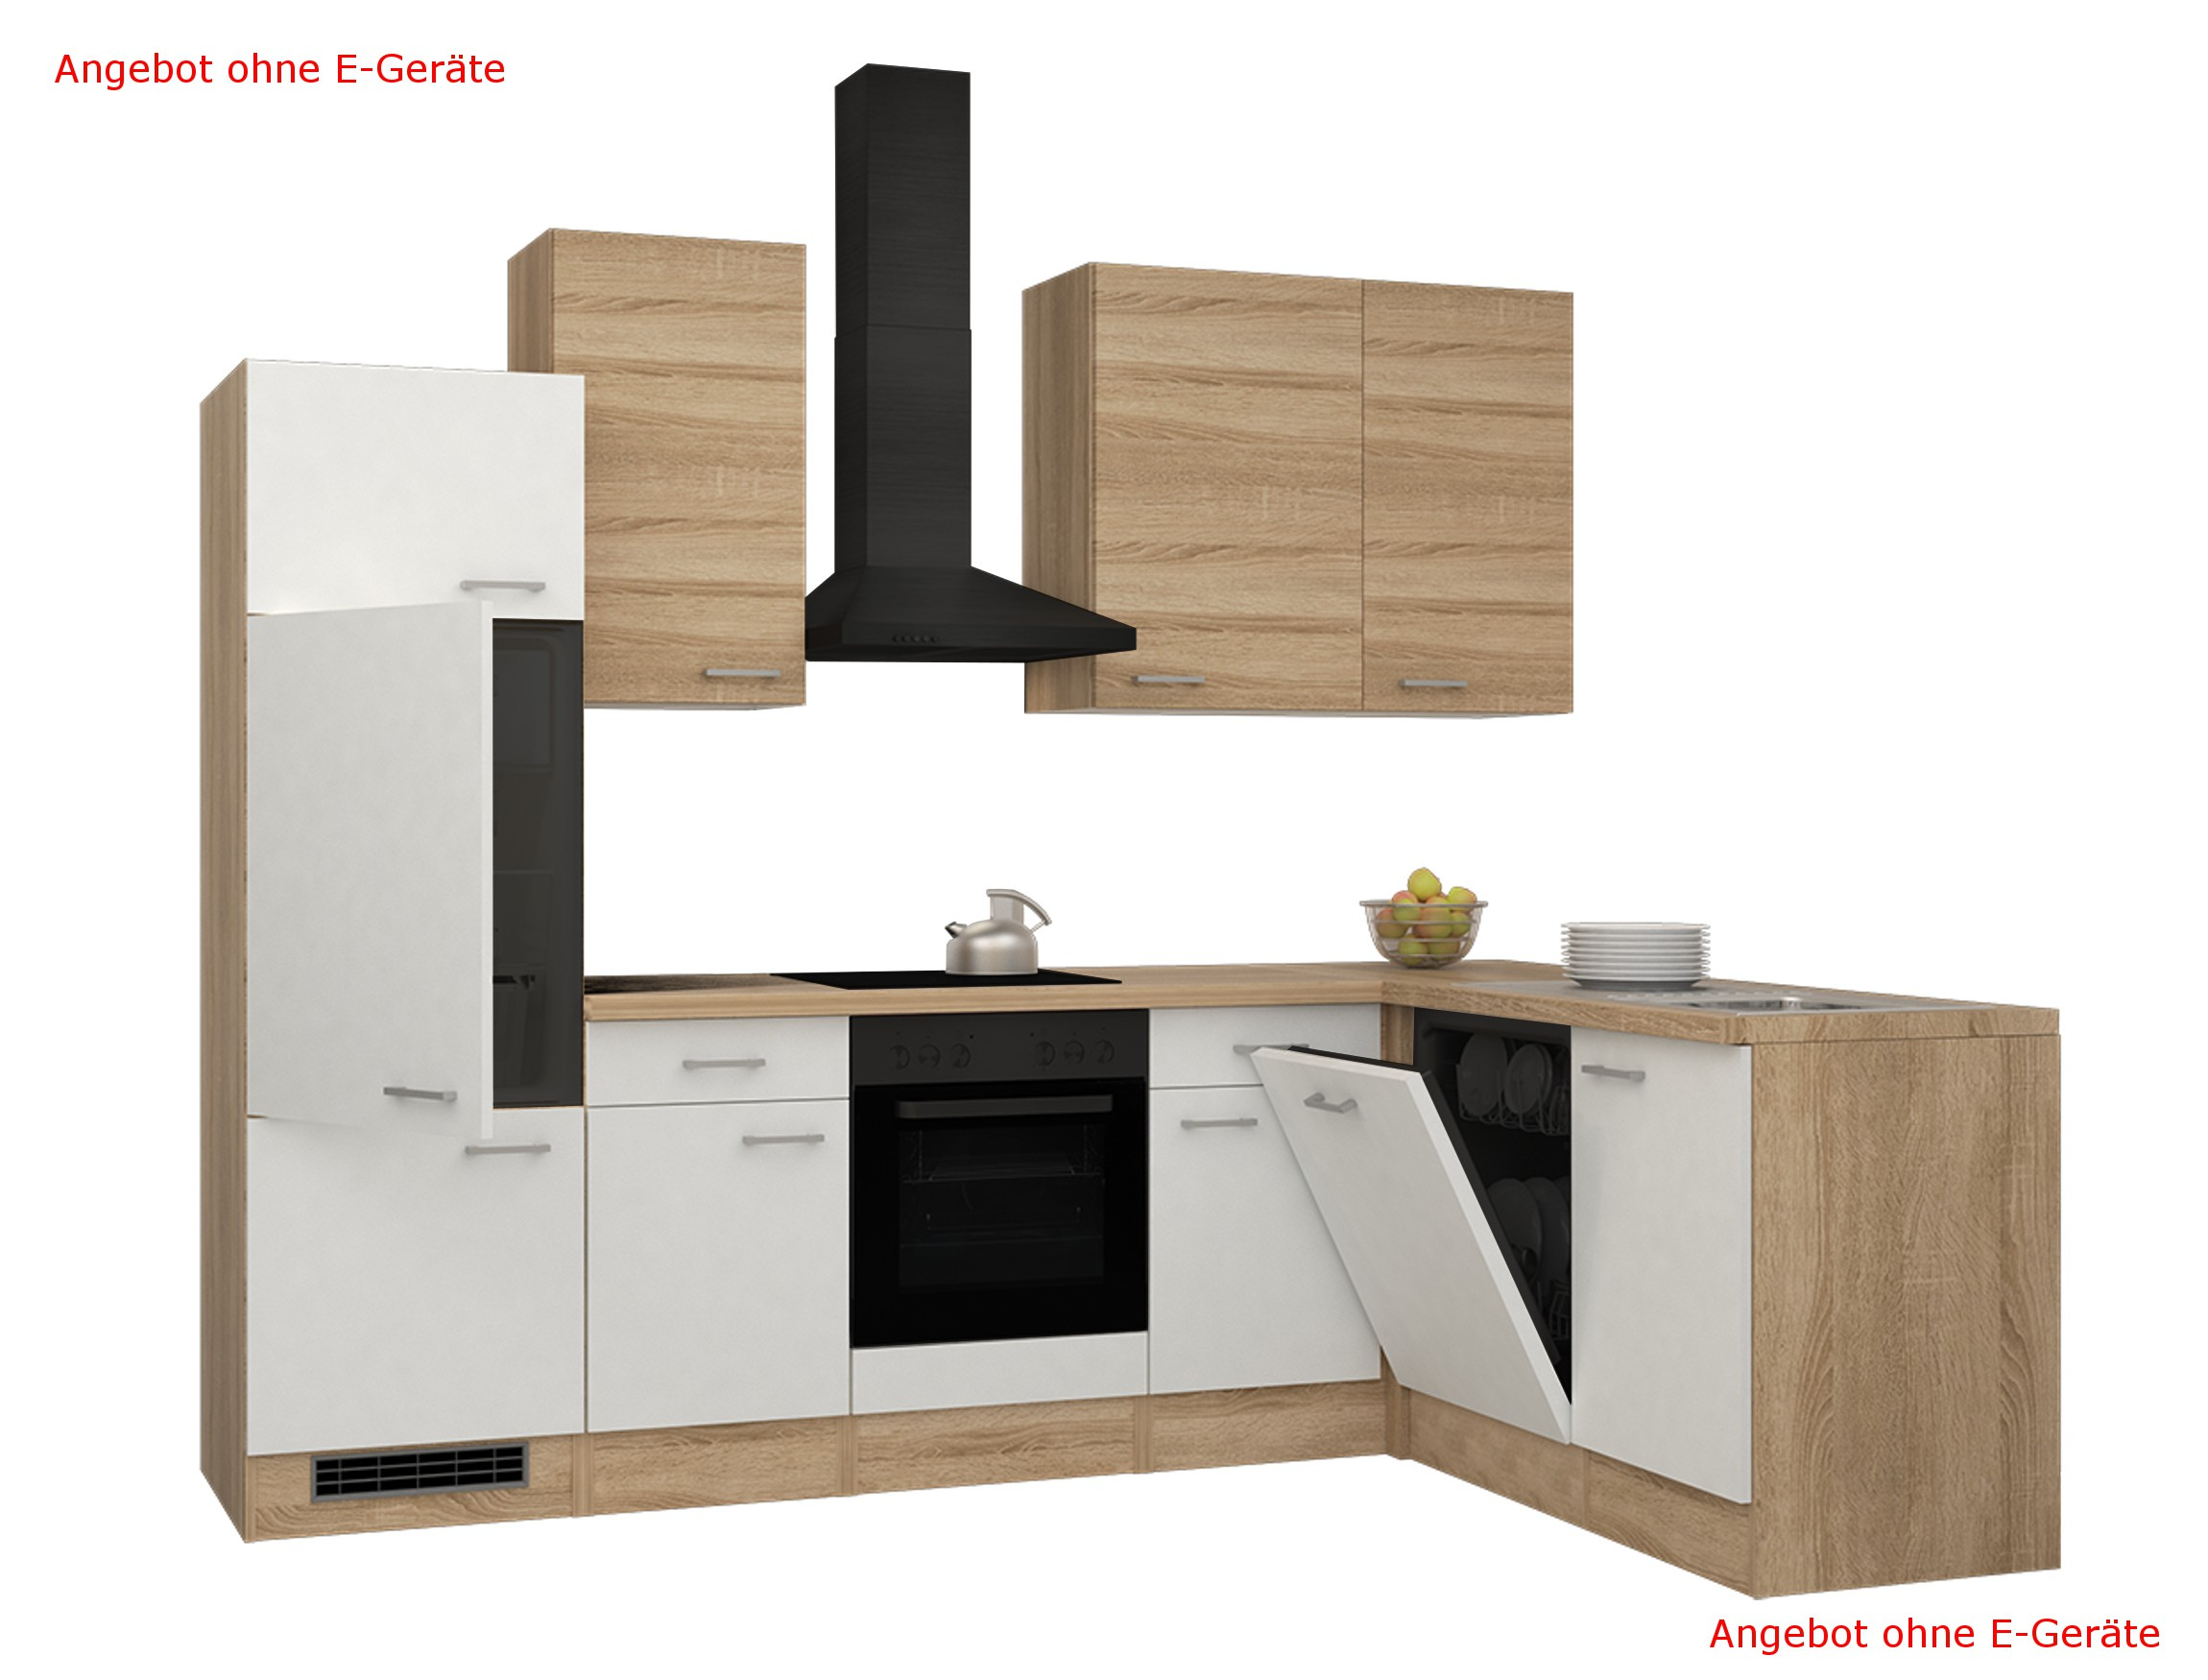 Full Size of Hochwertige Küche Ohne Geräte Küche Ohne Geräte Kaufen Erfahrungen Günstige Küche Ohne Geräte Roller Küche Ohne Geräte Küche Küche Nolte